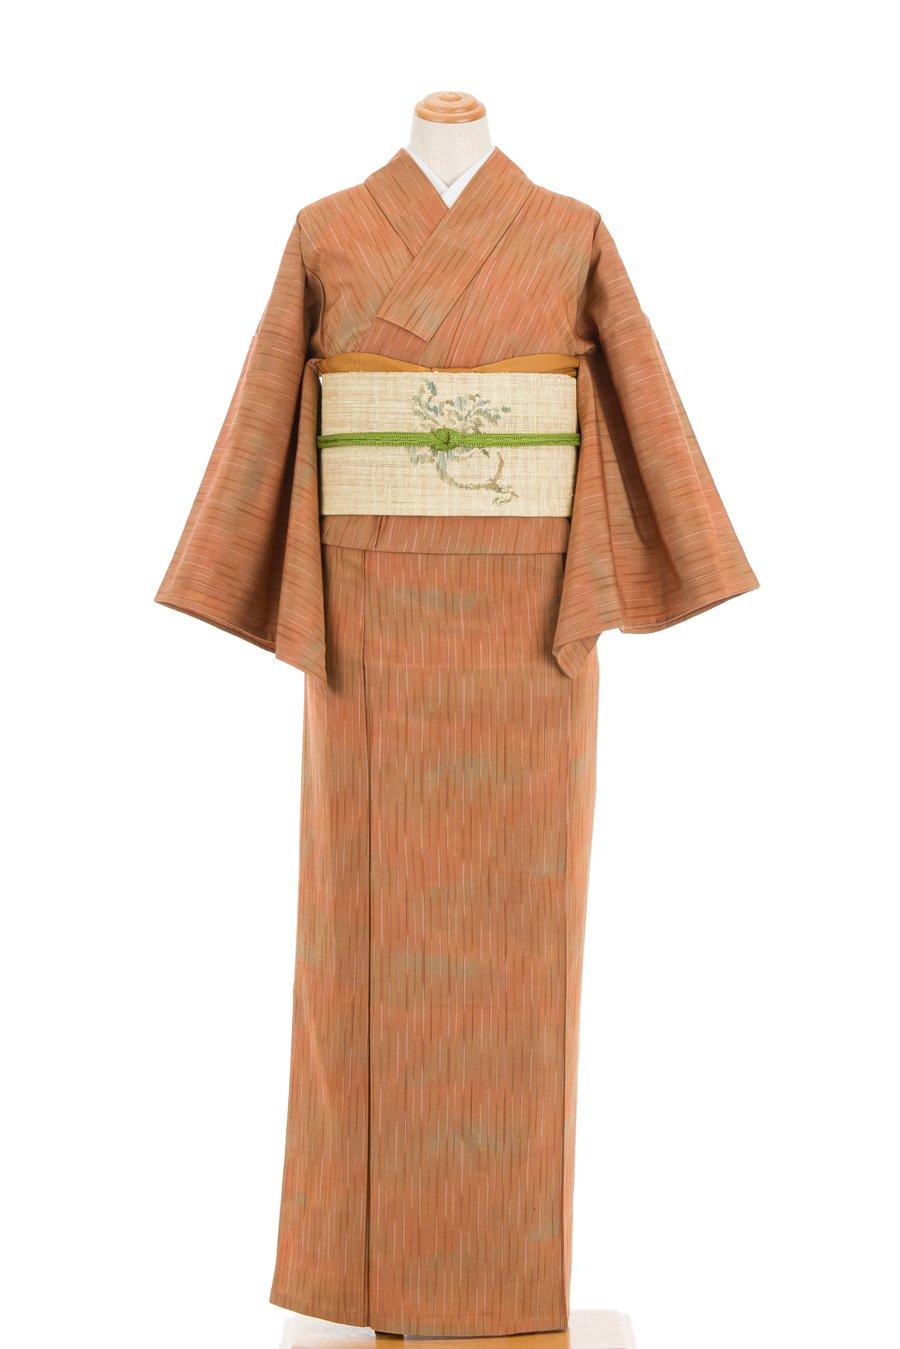 「単衣 紬 赤茶暈し」の商品画像